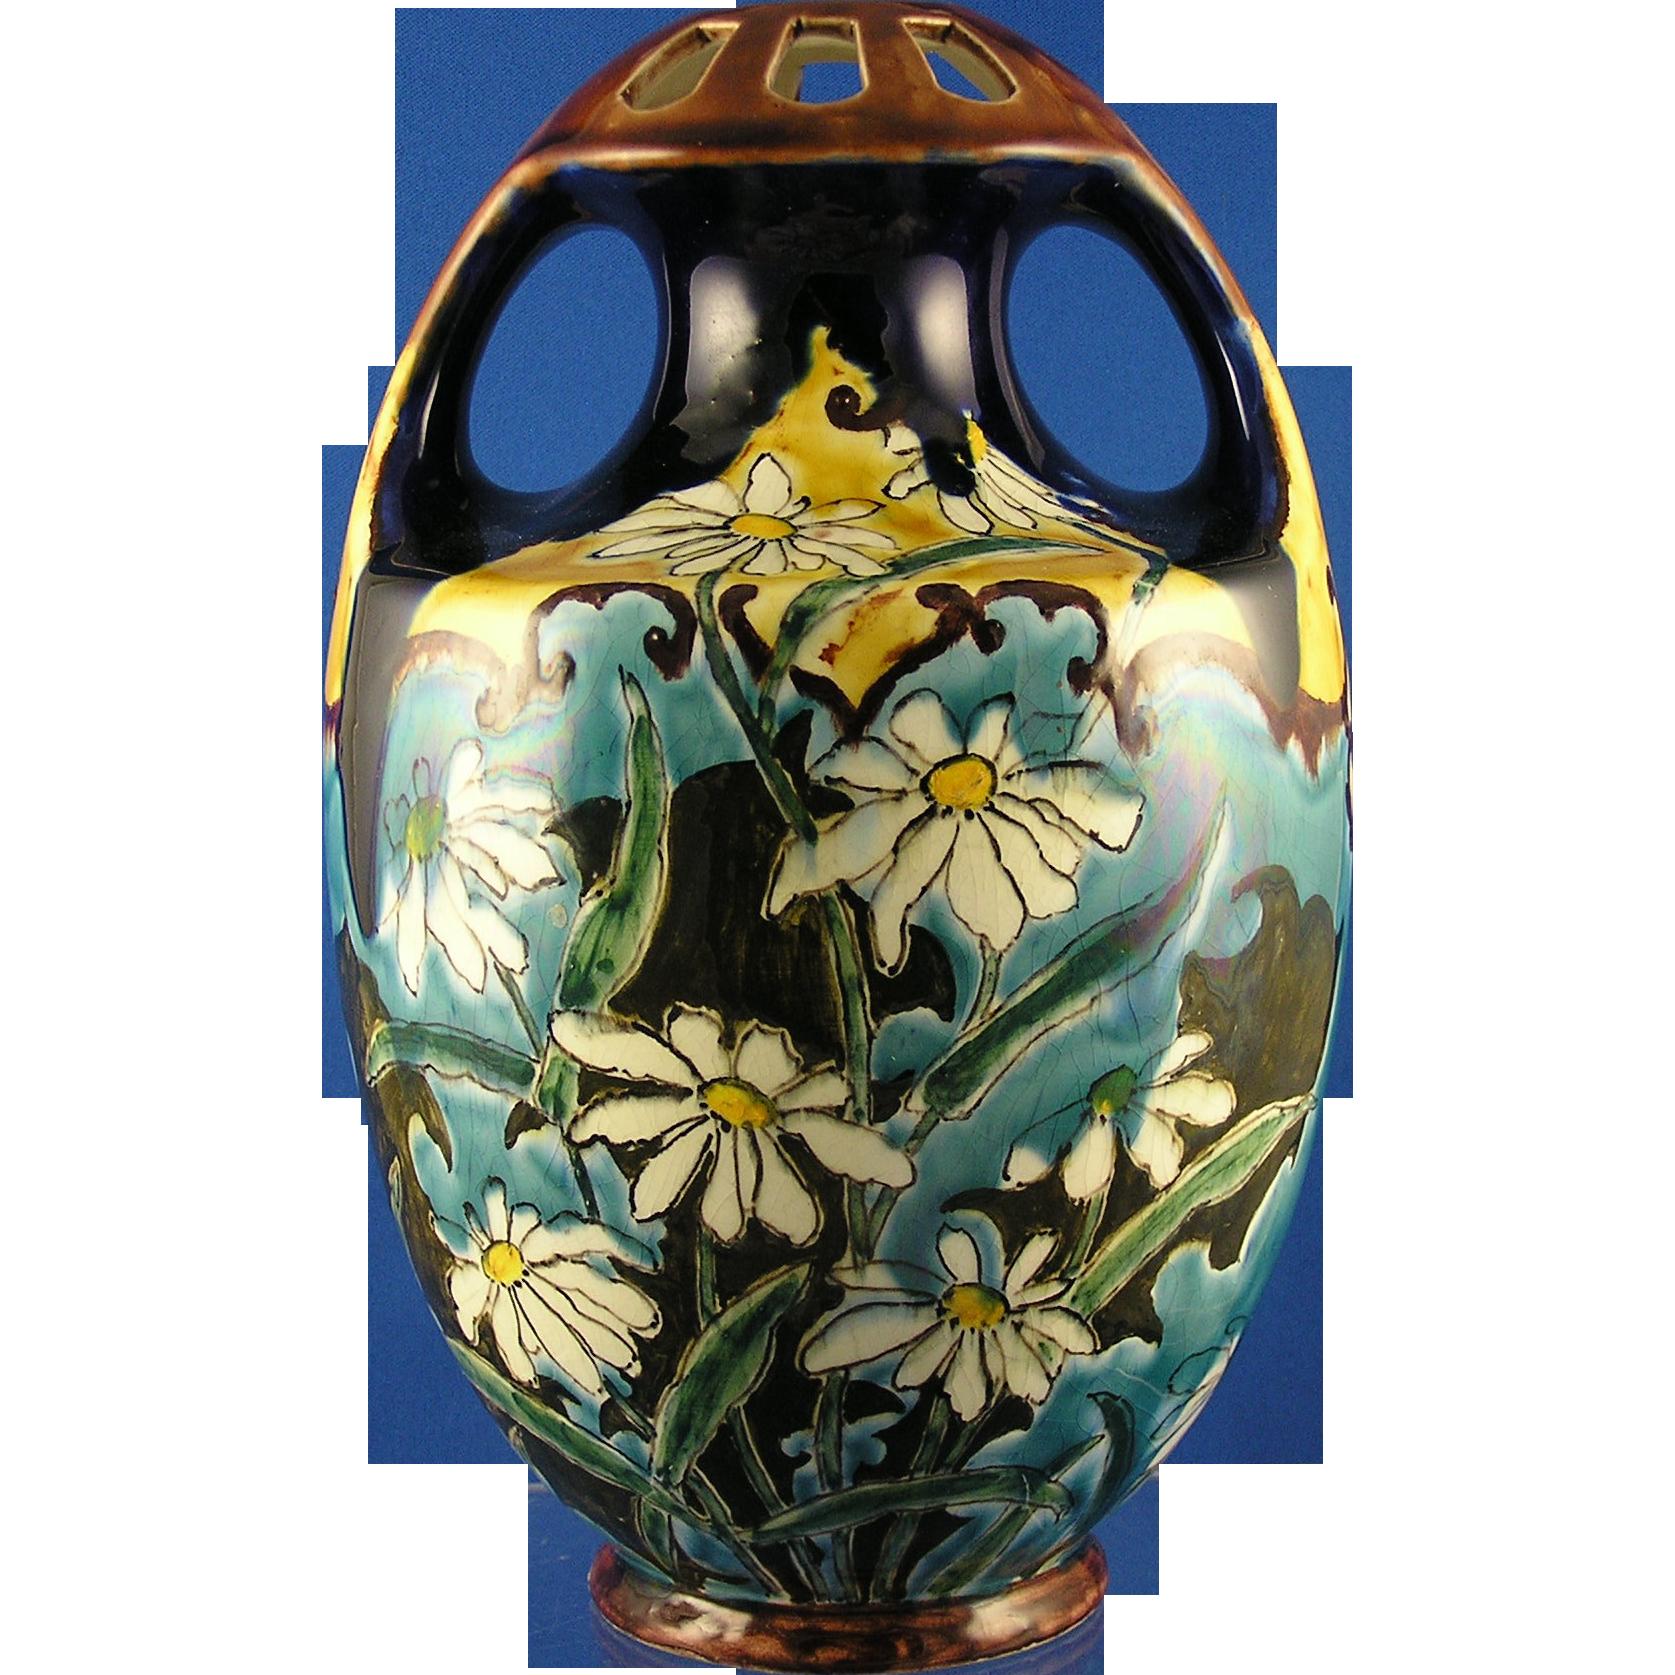 Ernst Wahliss EW Turn Habsburg Crown China Arts & Crafts Daisy Motif Vase (c.1897-1906)